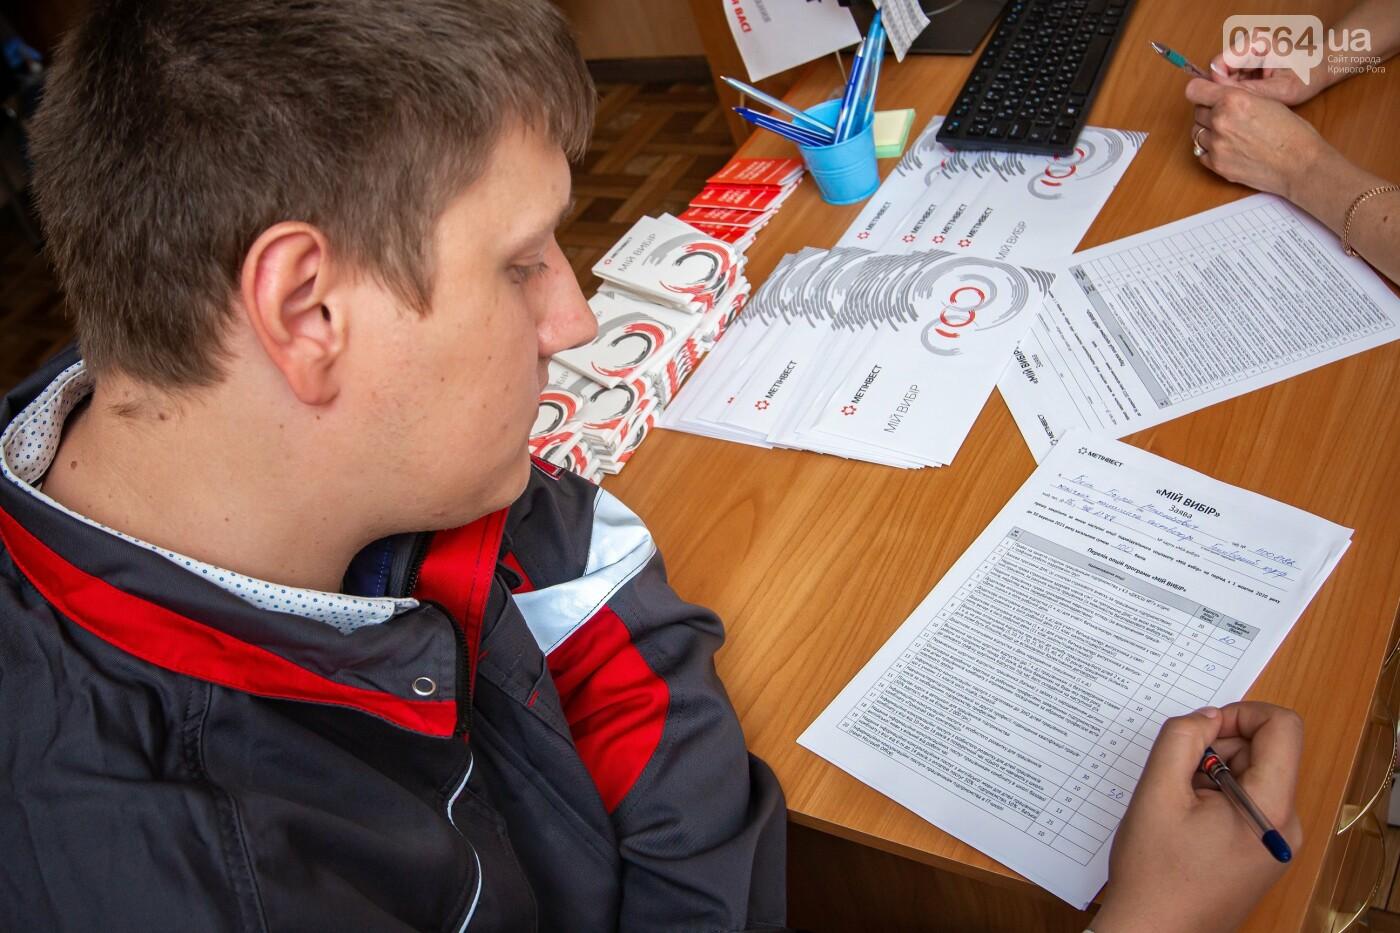 Забота о сотрудниках: на предприятиях компании Метинвест расширен индивидуальный социальный пакет , фото-2